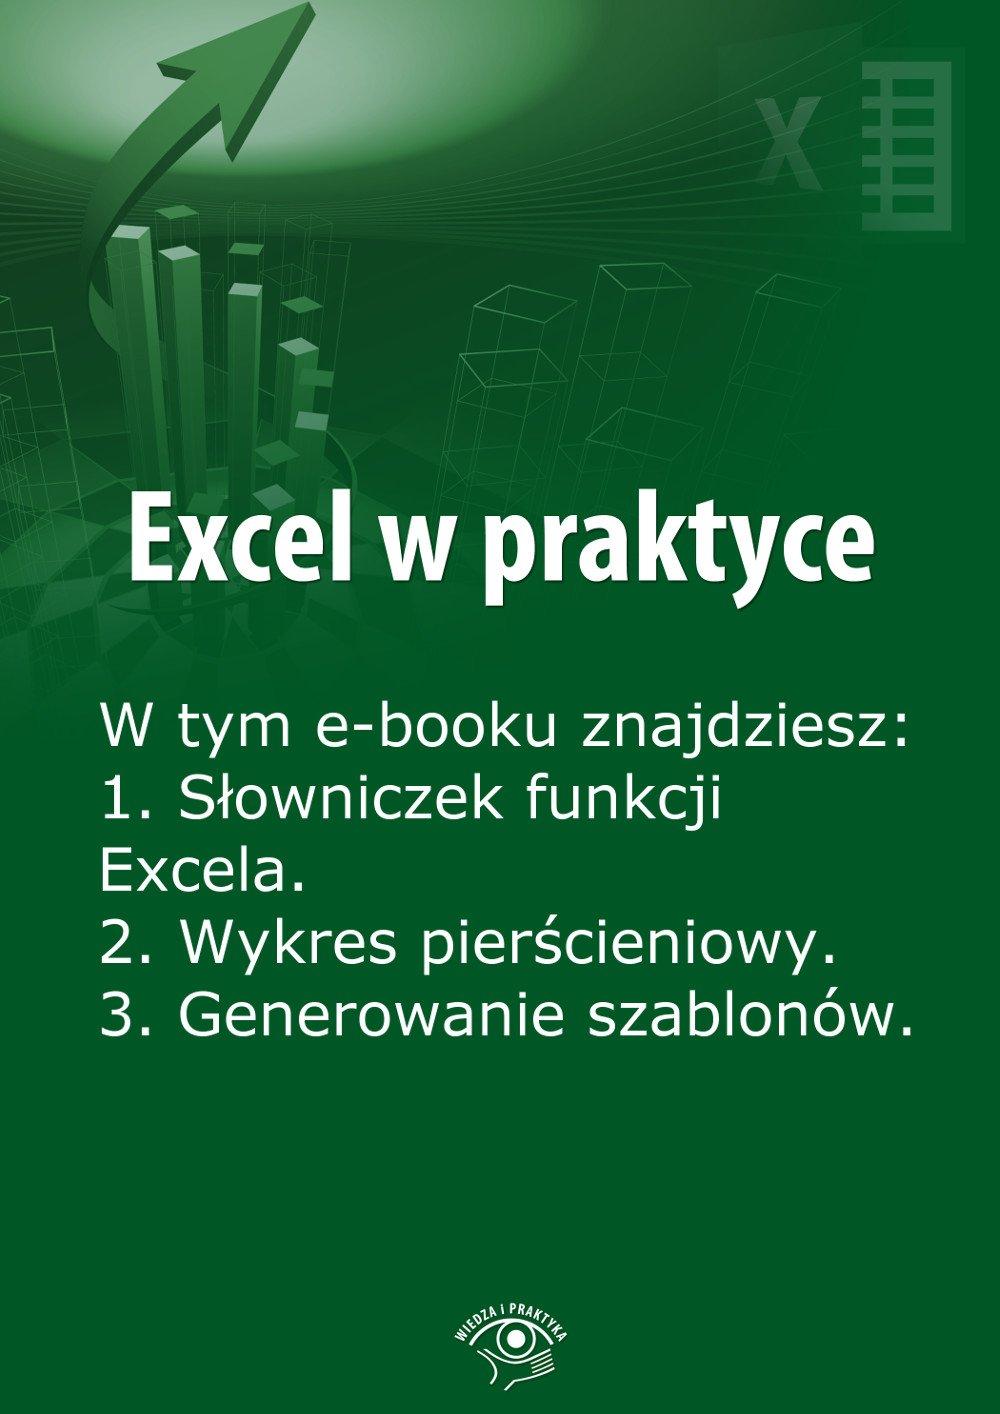 Excel w praktyce. Wydanie maj-czerwiec 2014 r. - Ebook (Książka EPUB) do pobrania w formacie EPUB